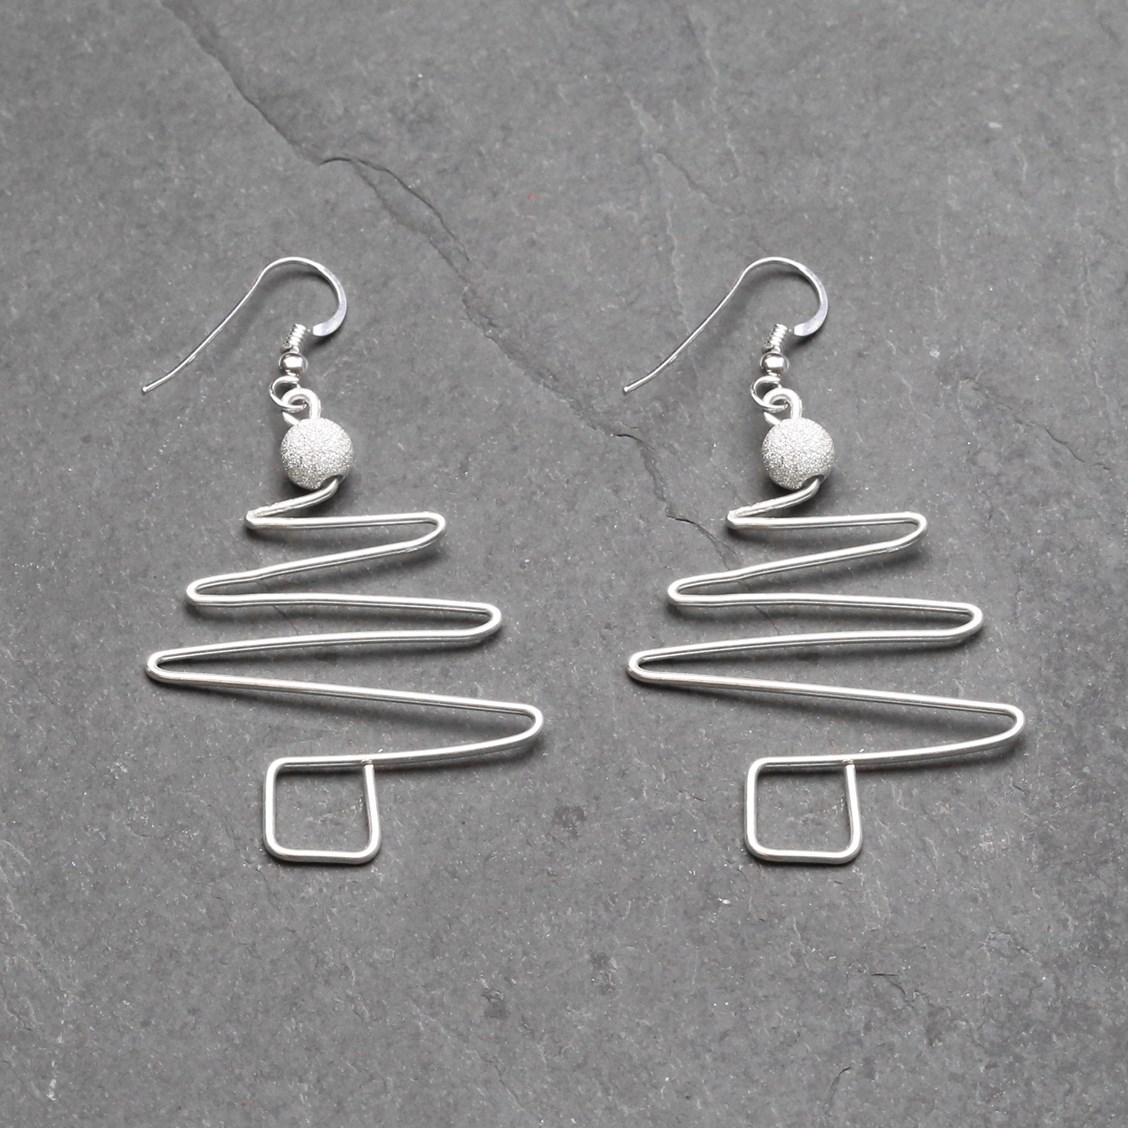 Wire Jewelry Tool Kit